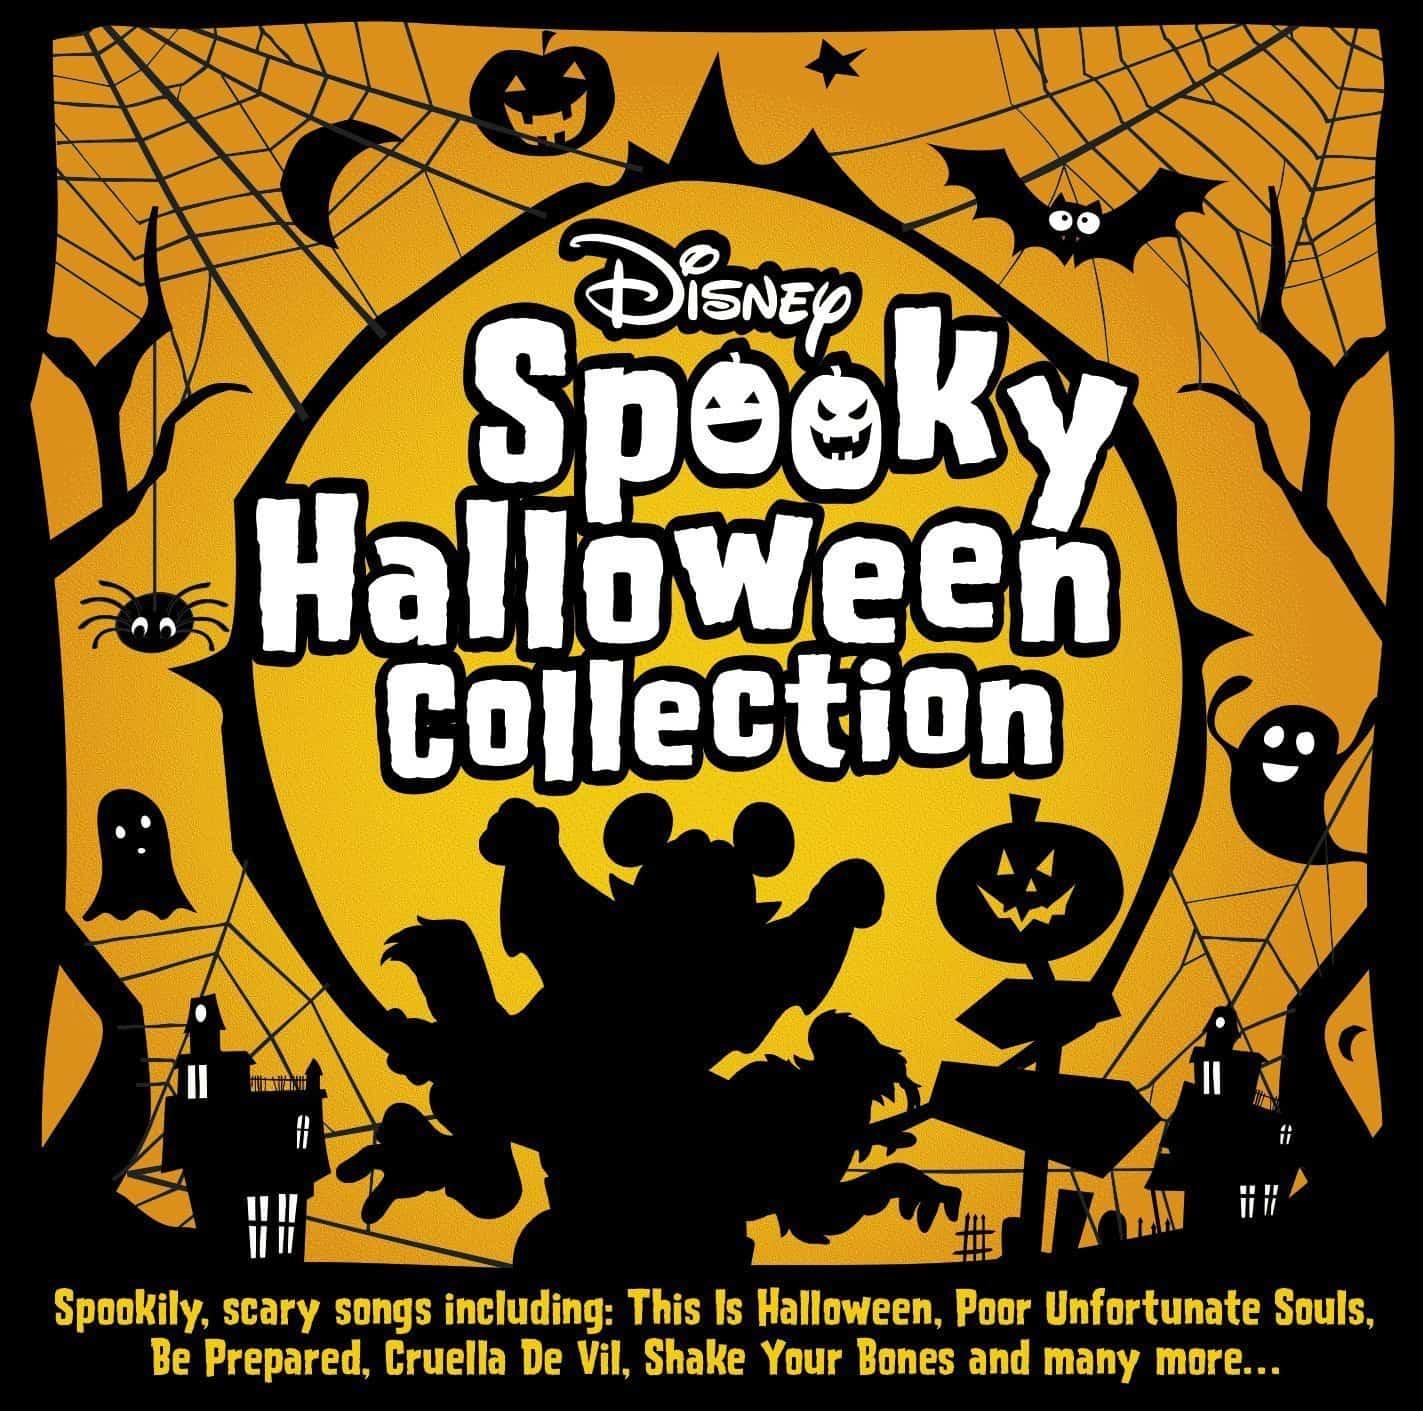 Disney Spooky Halloween Collection Album Review | | DisKingdom.com ...